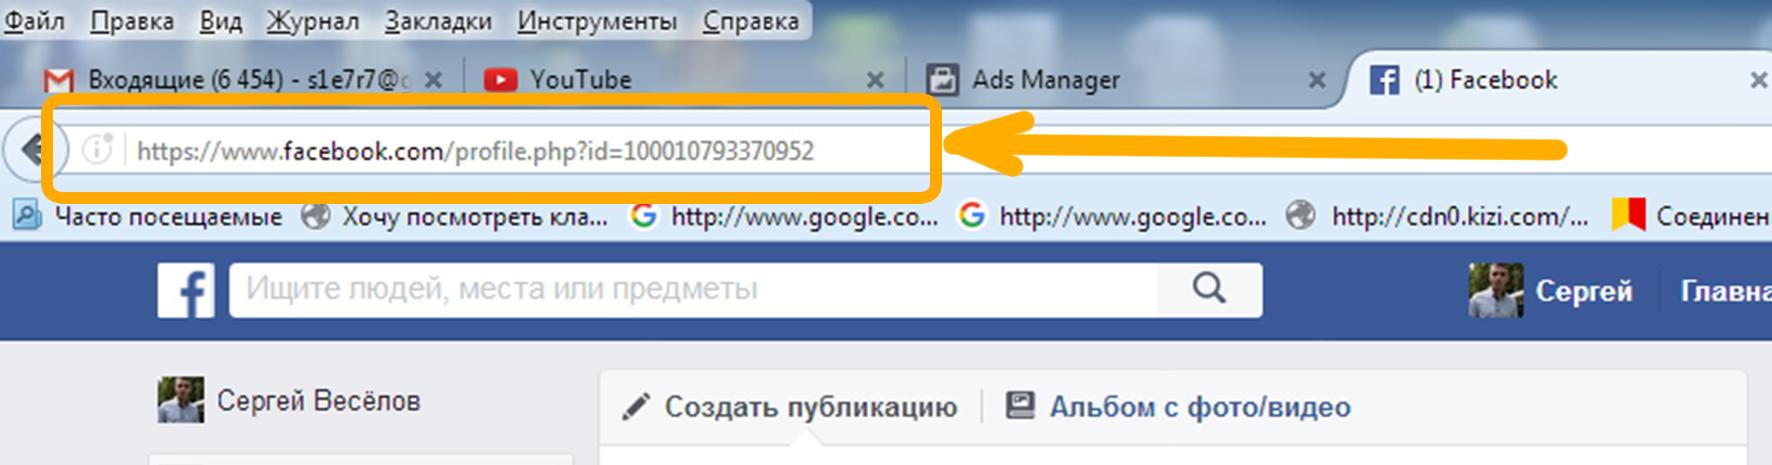 Ввод необходимых данных в адресную строку любого браузера